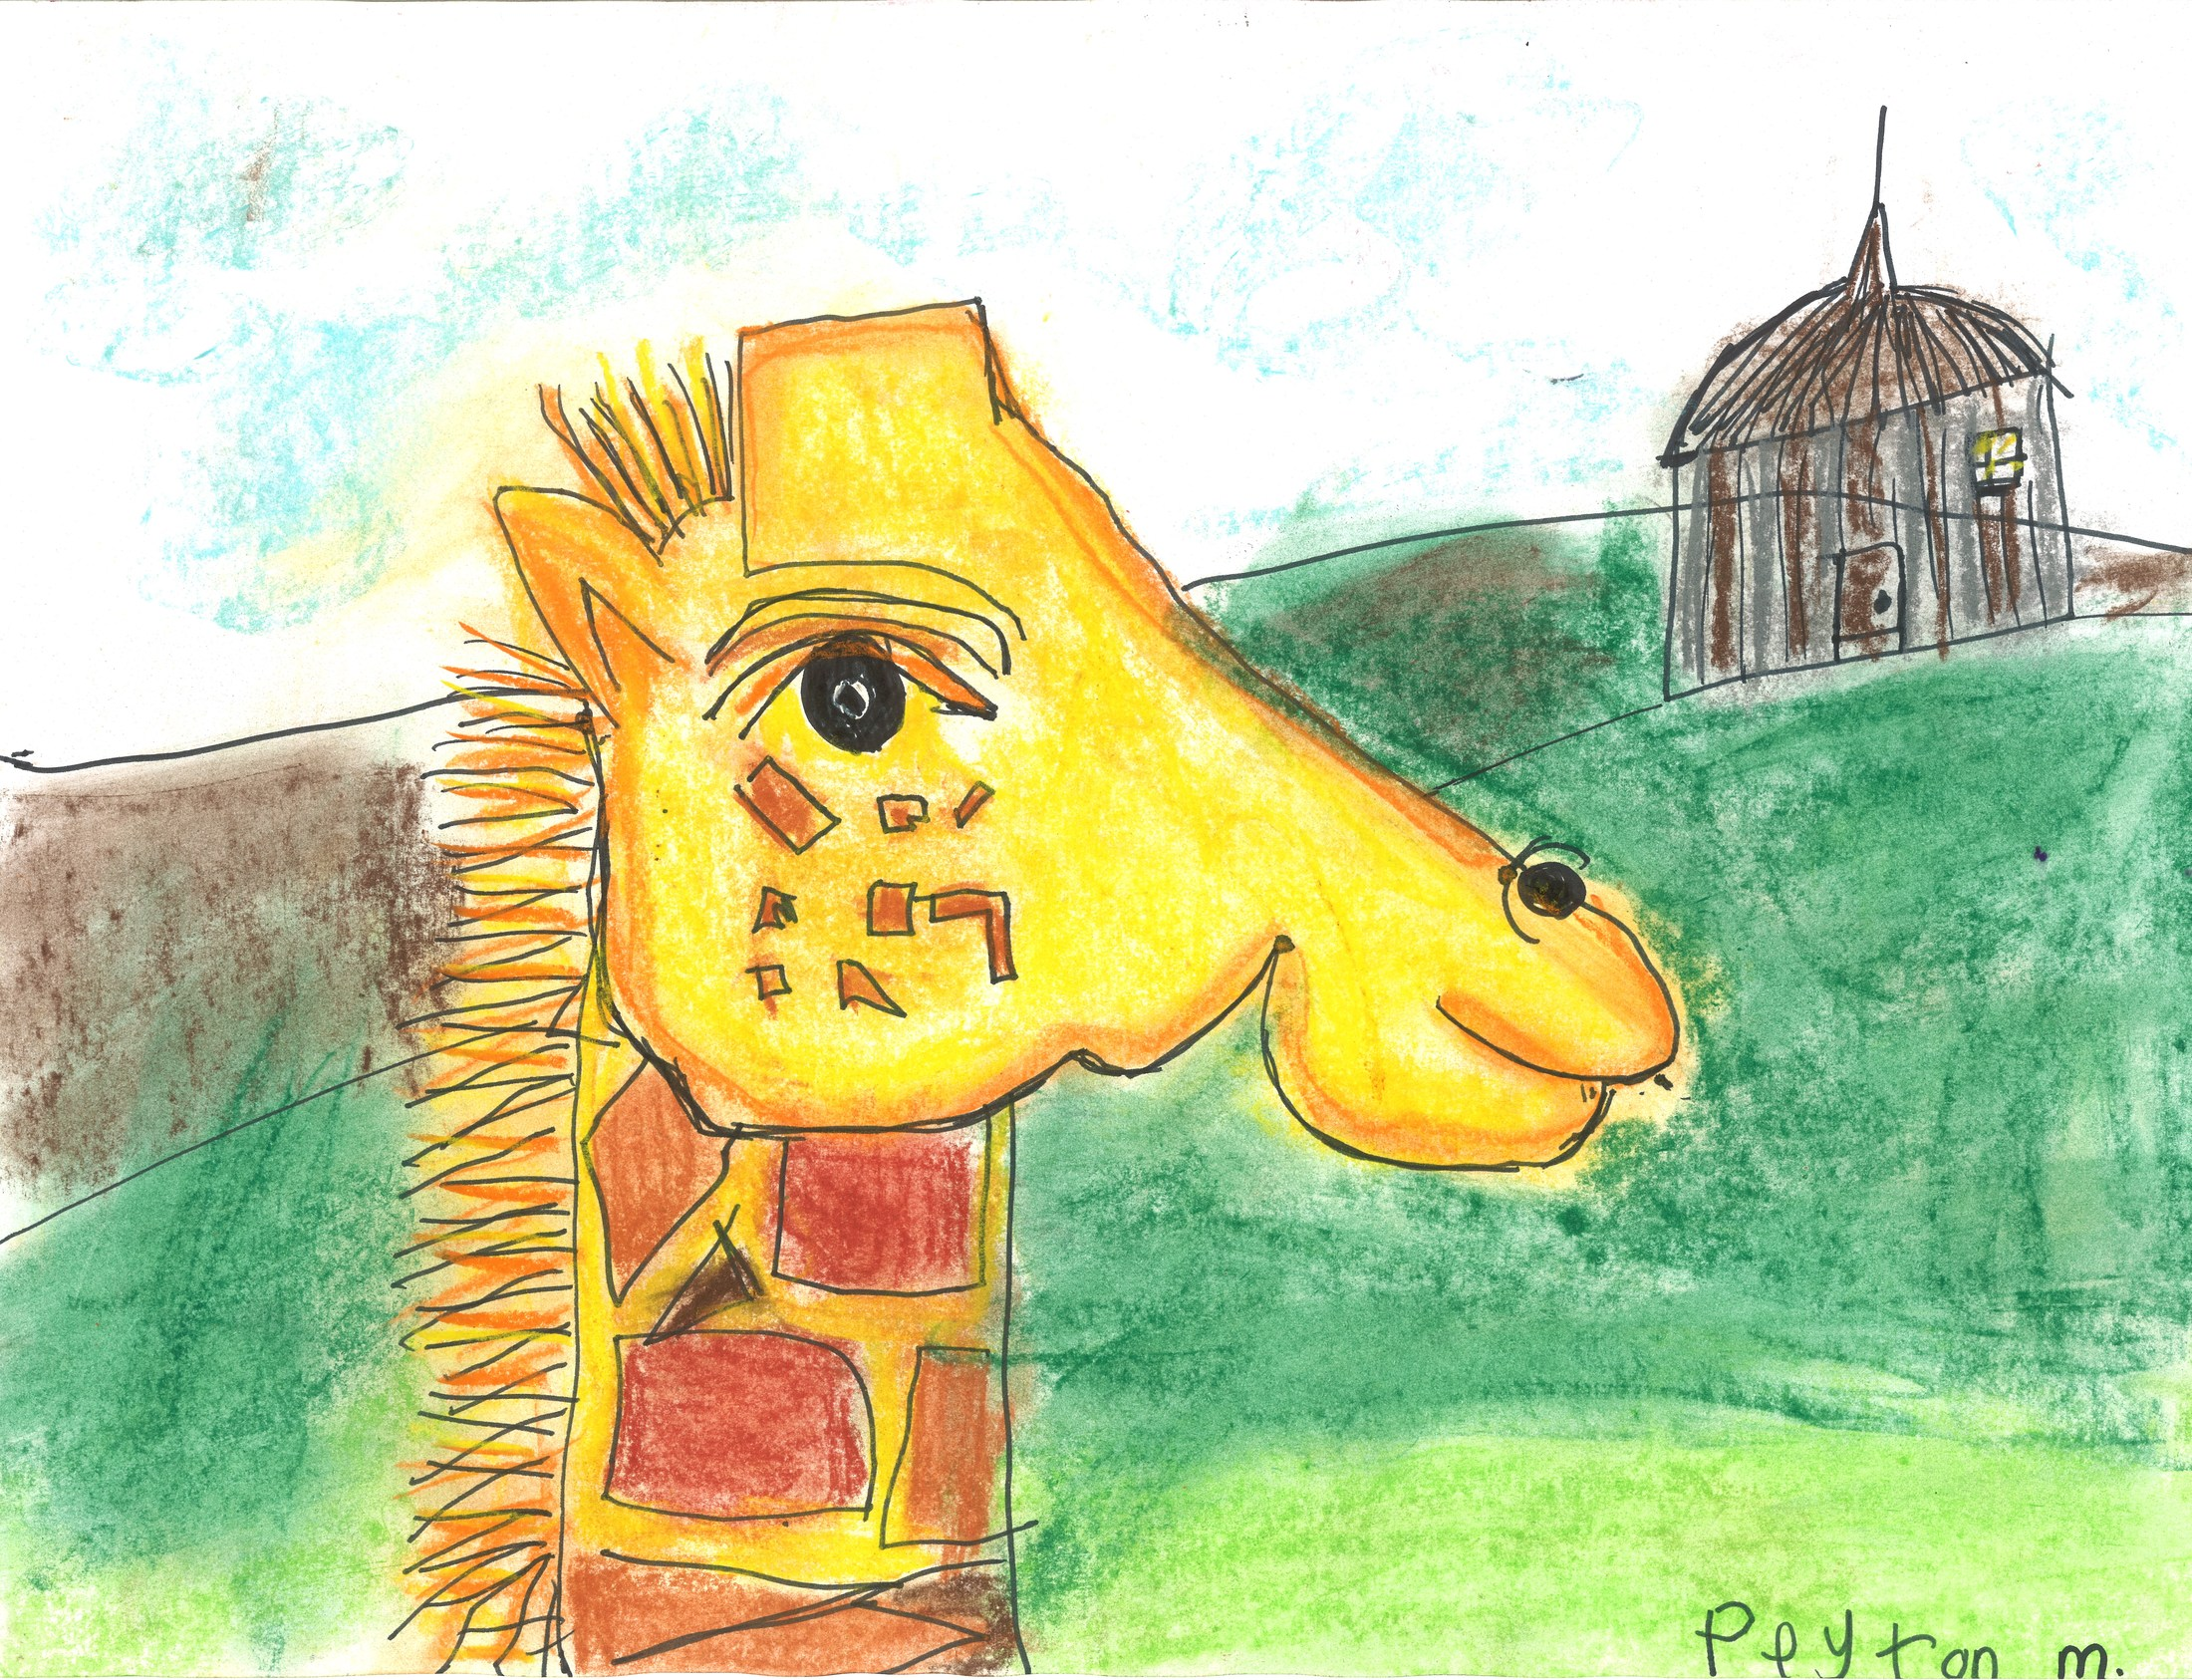 1st Grader Giraffe